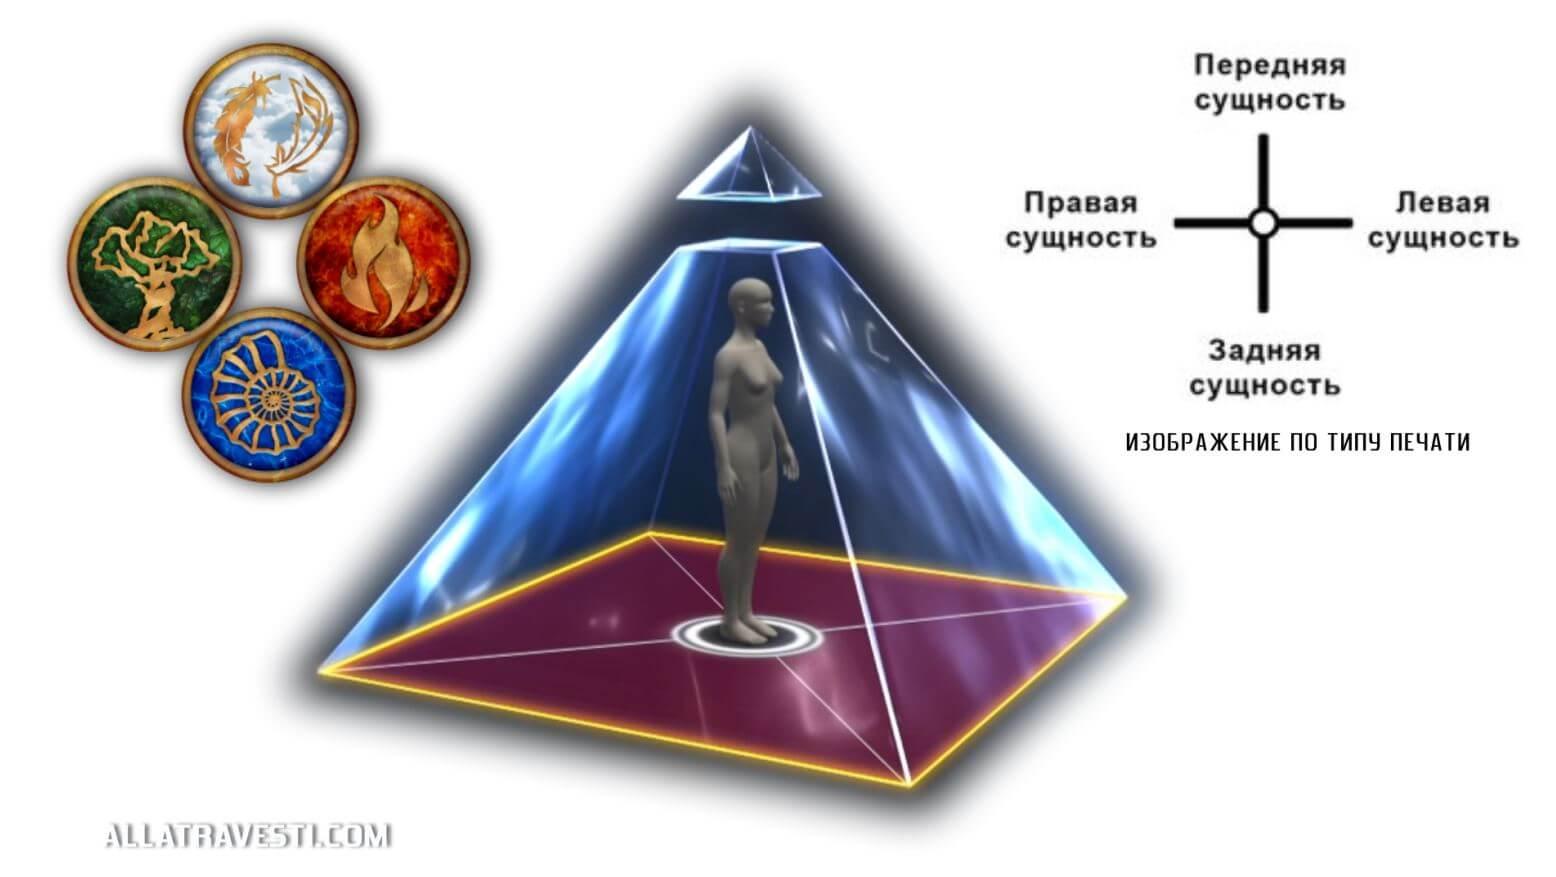 Четыре сущности человека, образующие пирамидальную энергетическую конструкцию